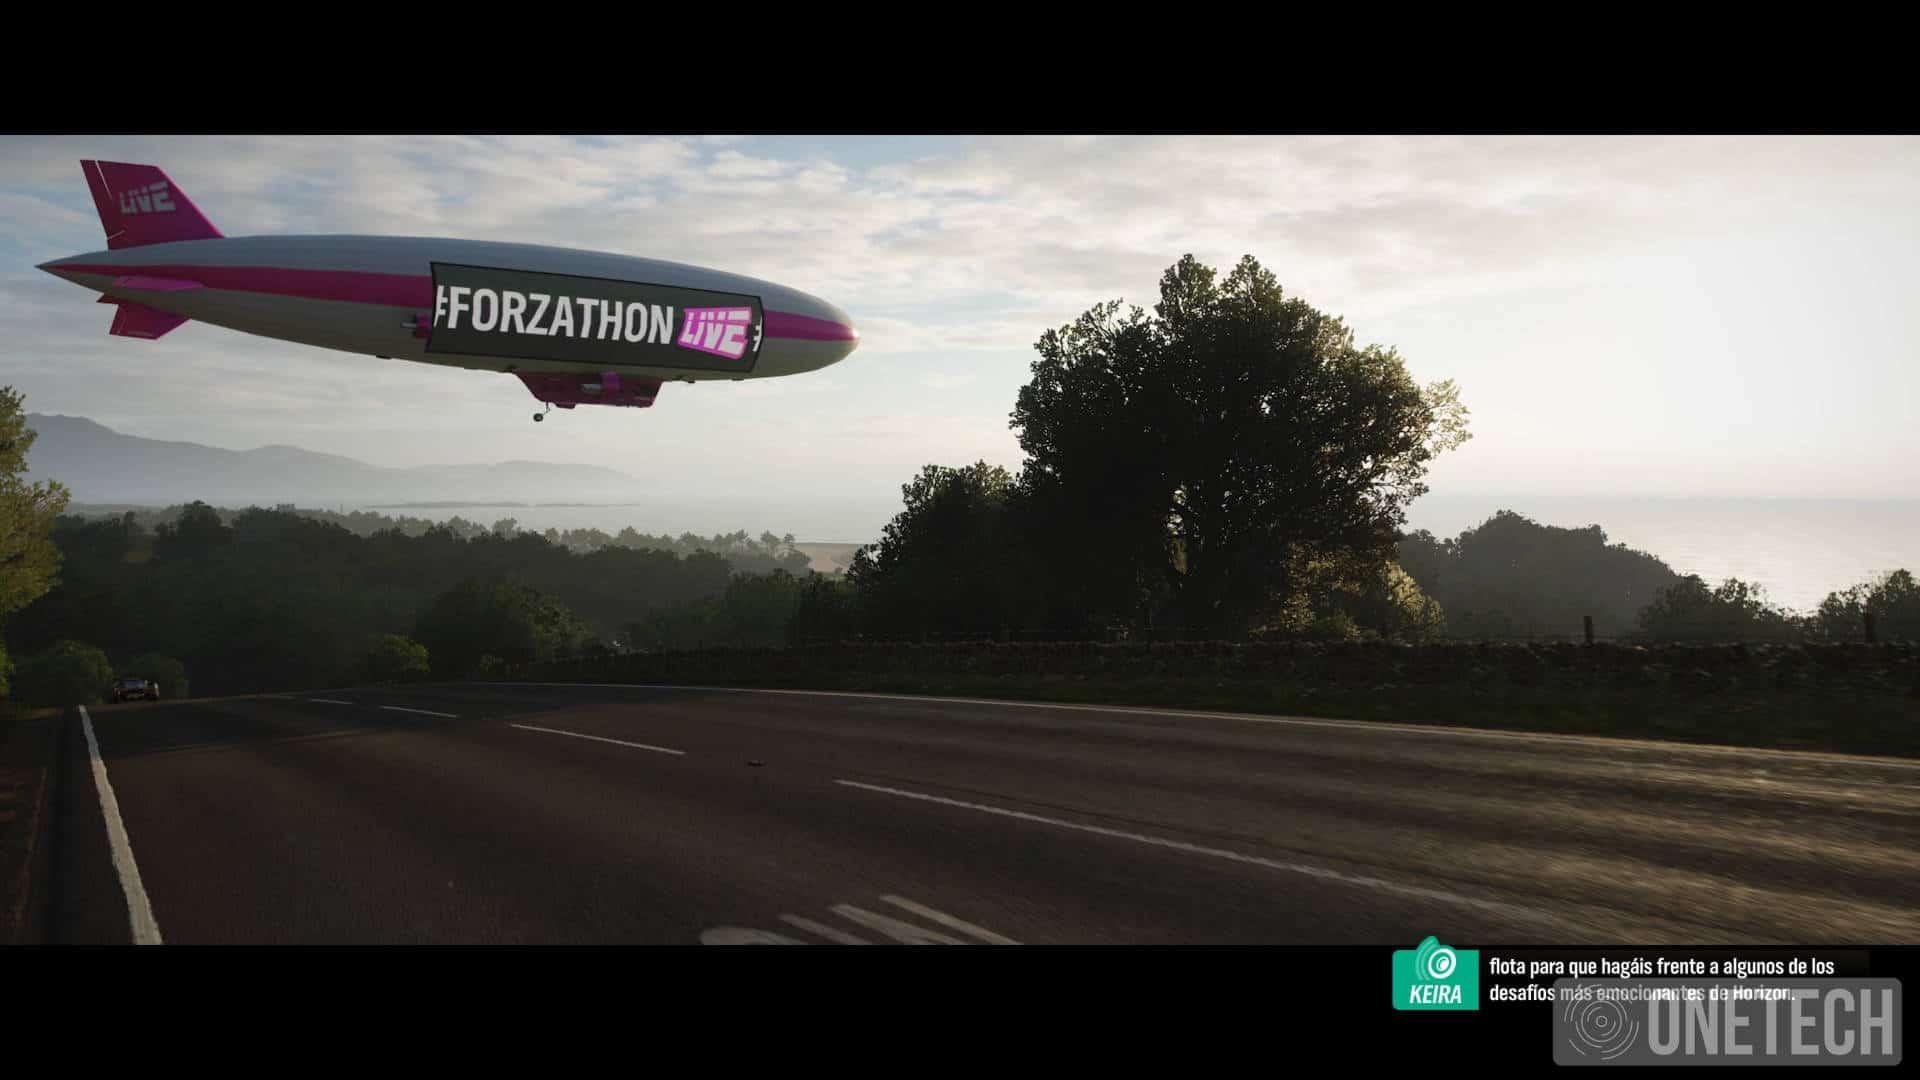 Forza Horizon 4, la mejor razón para pasarte a Xbox 21